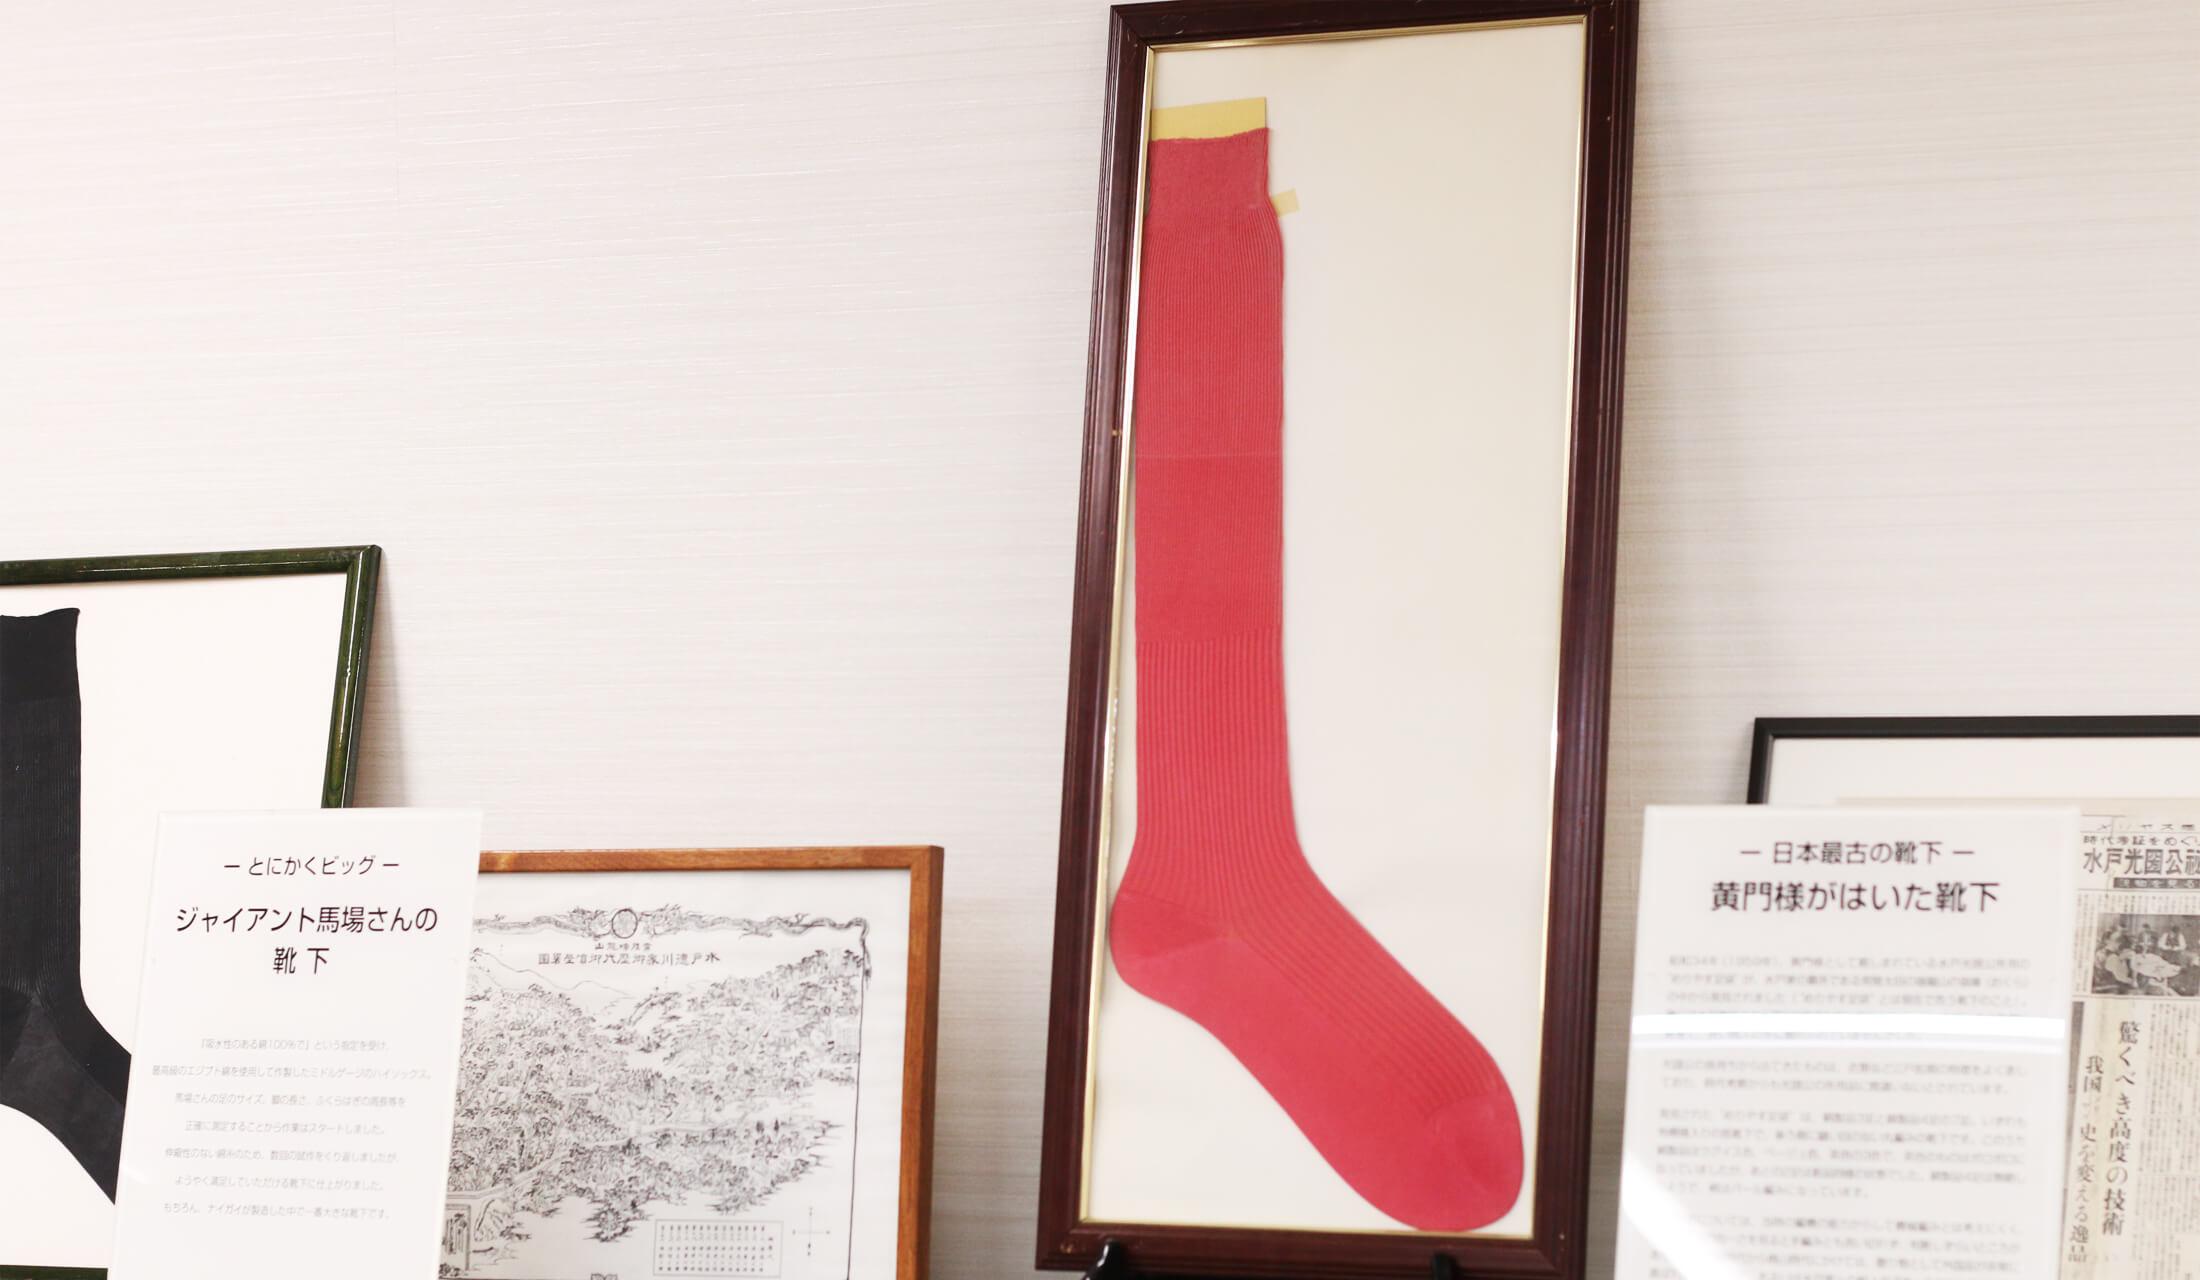 株式会社ナイガイ本社内にある靴下博物館に所蔵されている額縁に入れられたジャイアント馬場さんの大きな靴下